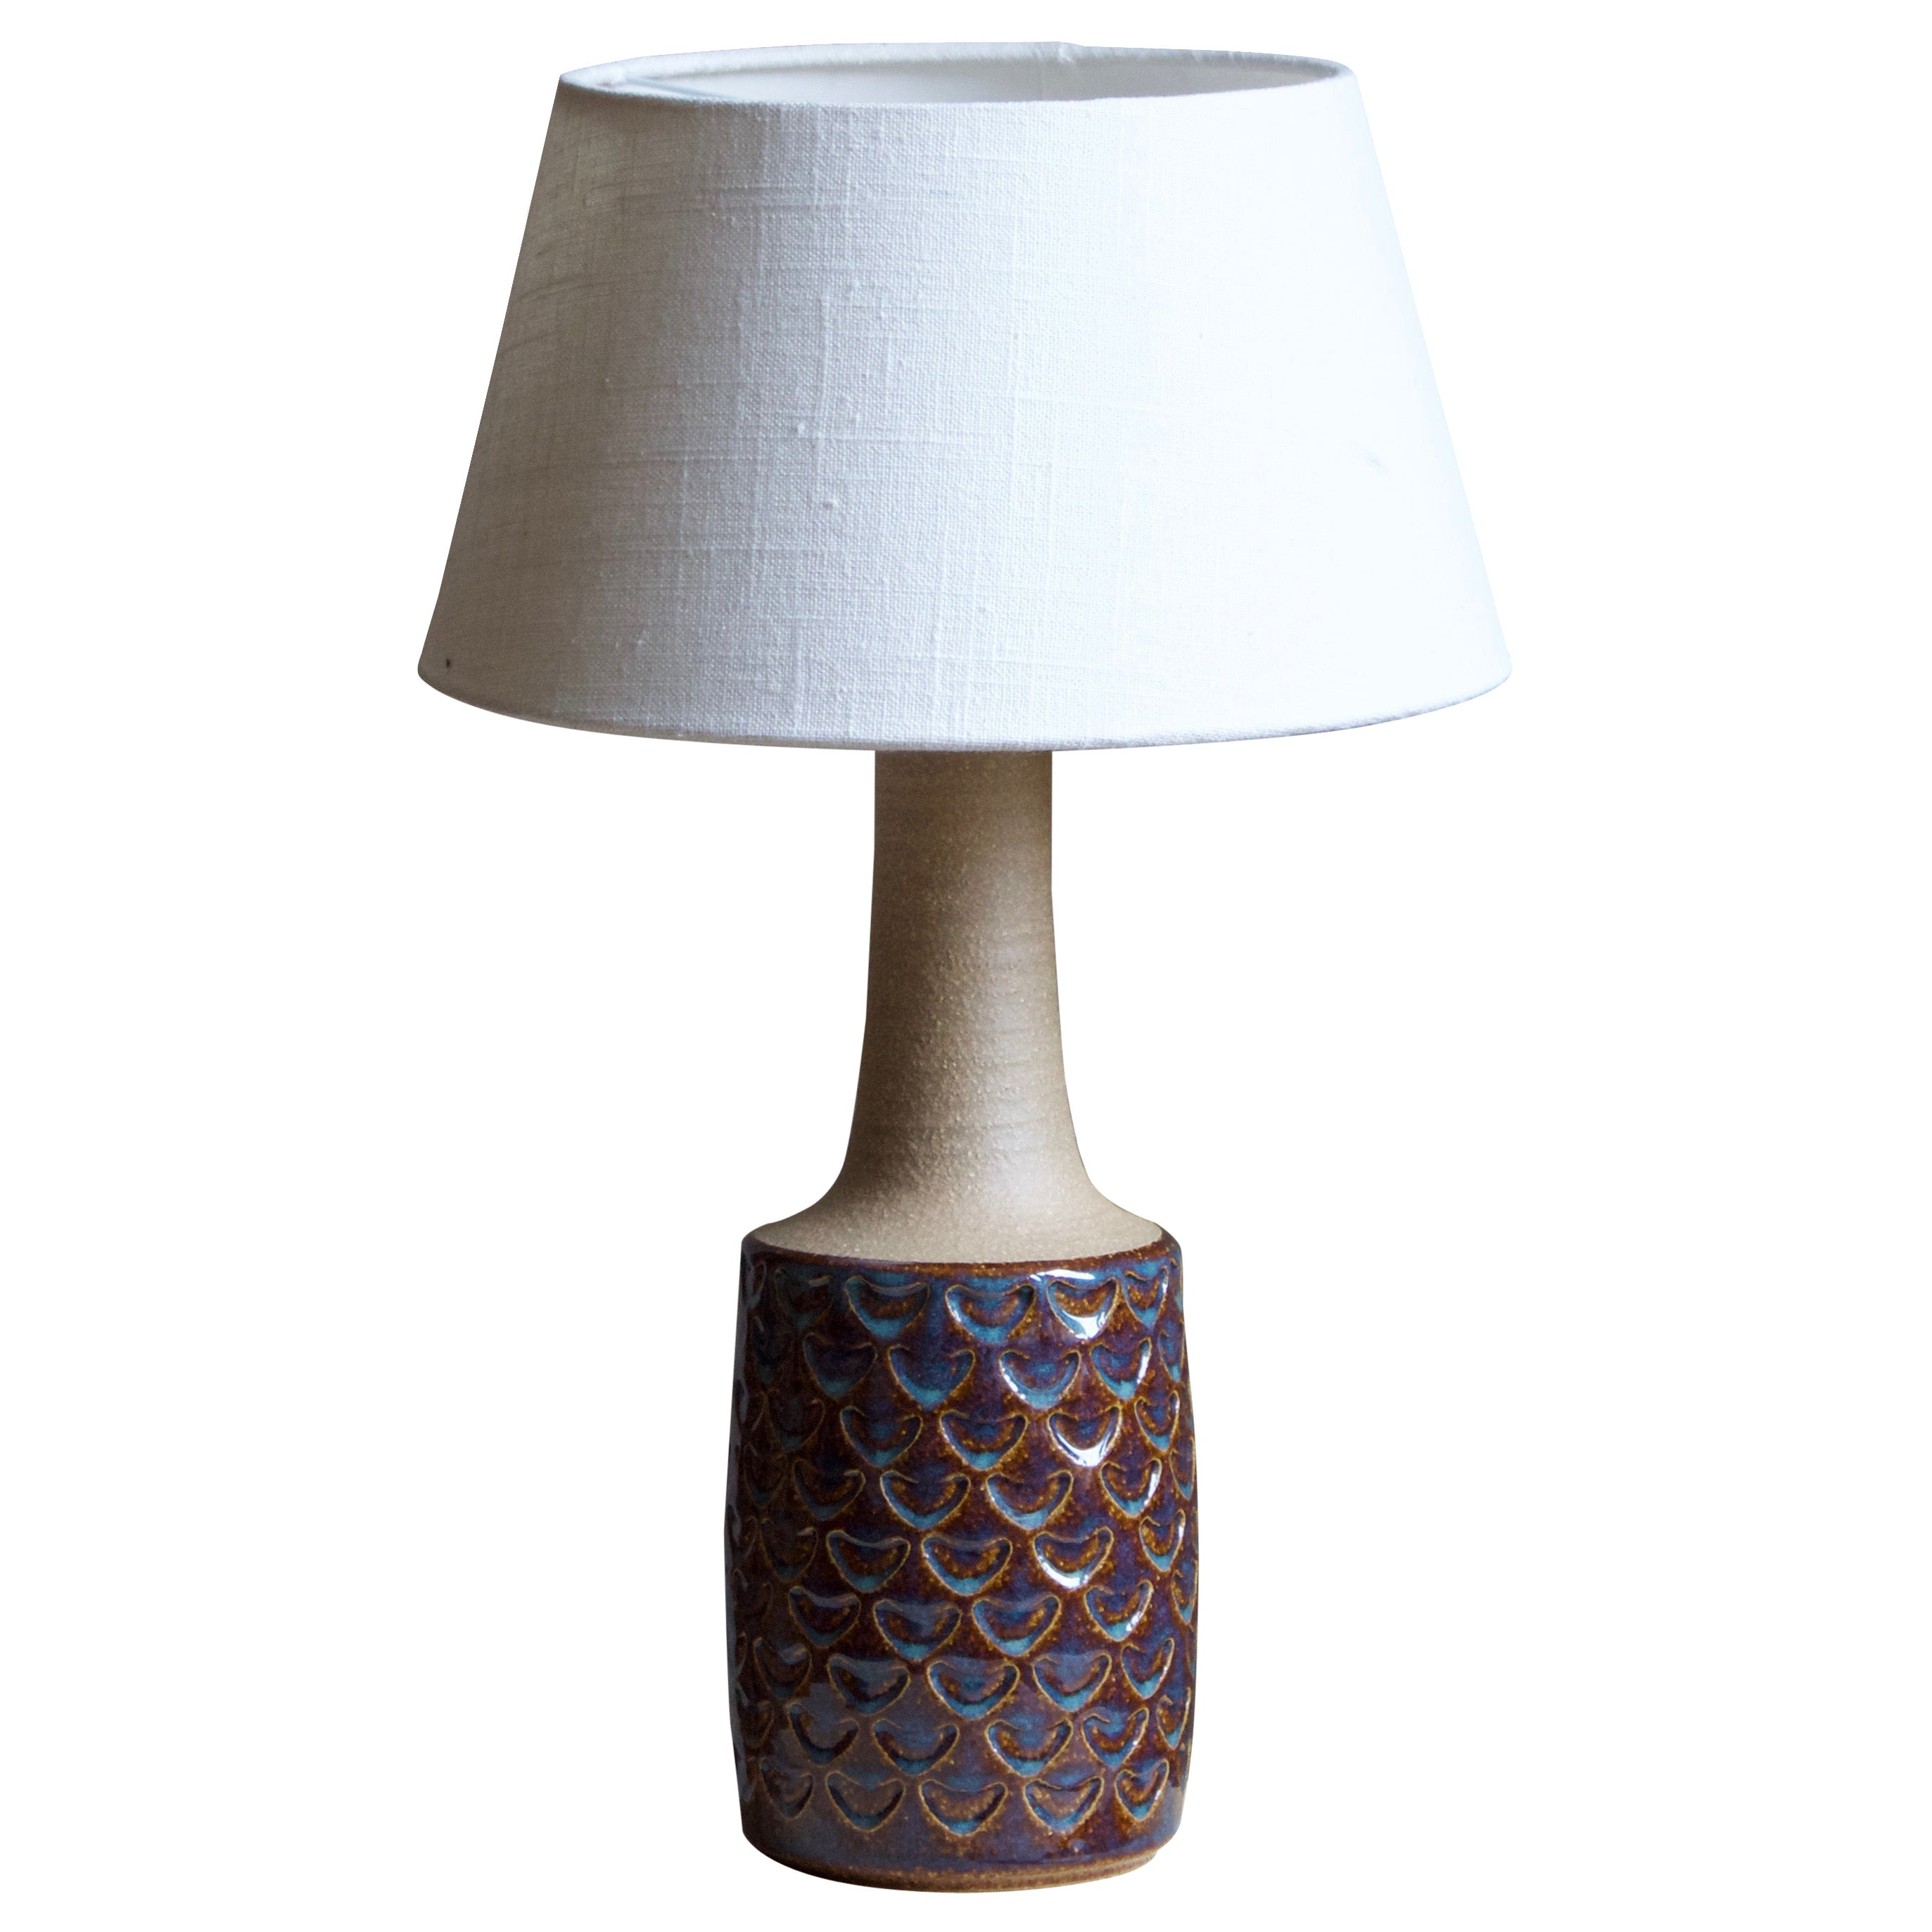 Søholm Stentøj, Table Lamp, Glazed Incised Stoneware, Bornholm, Denmark, 1960s